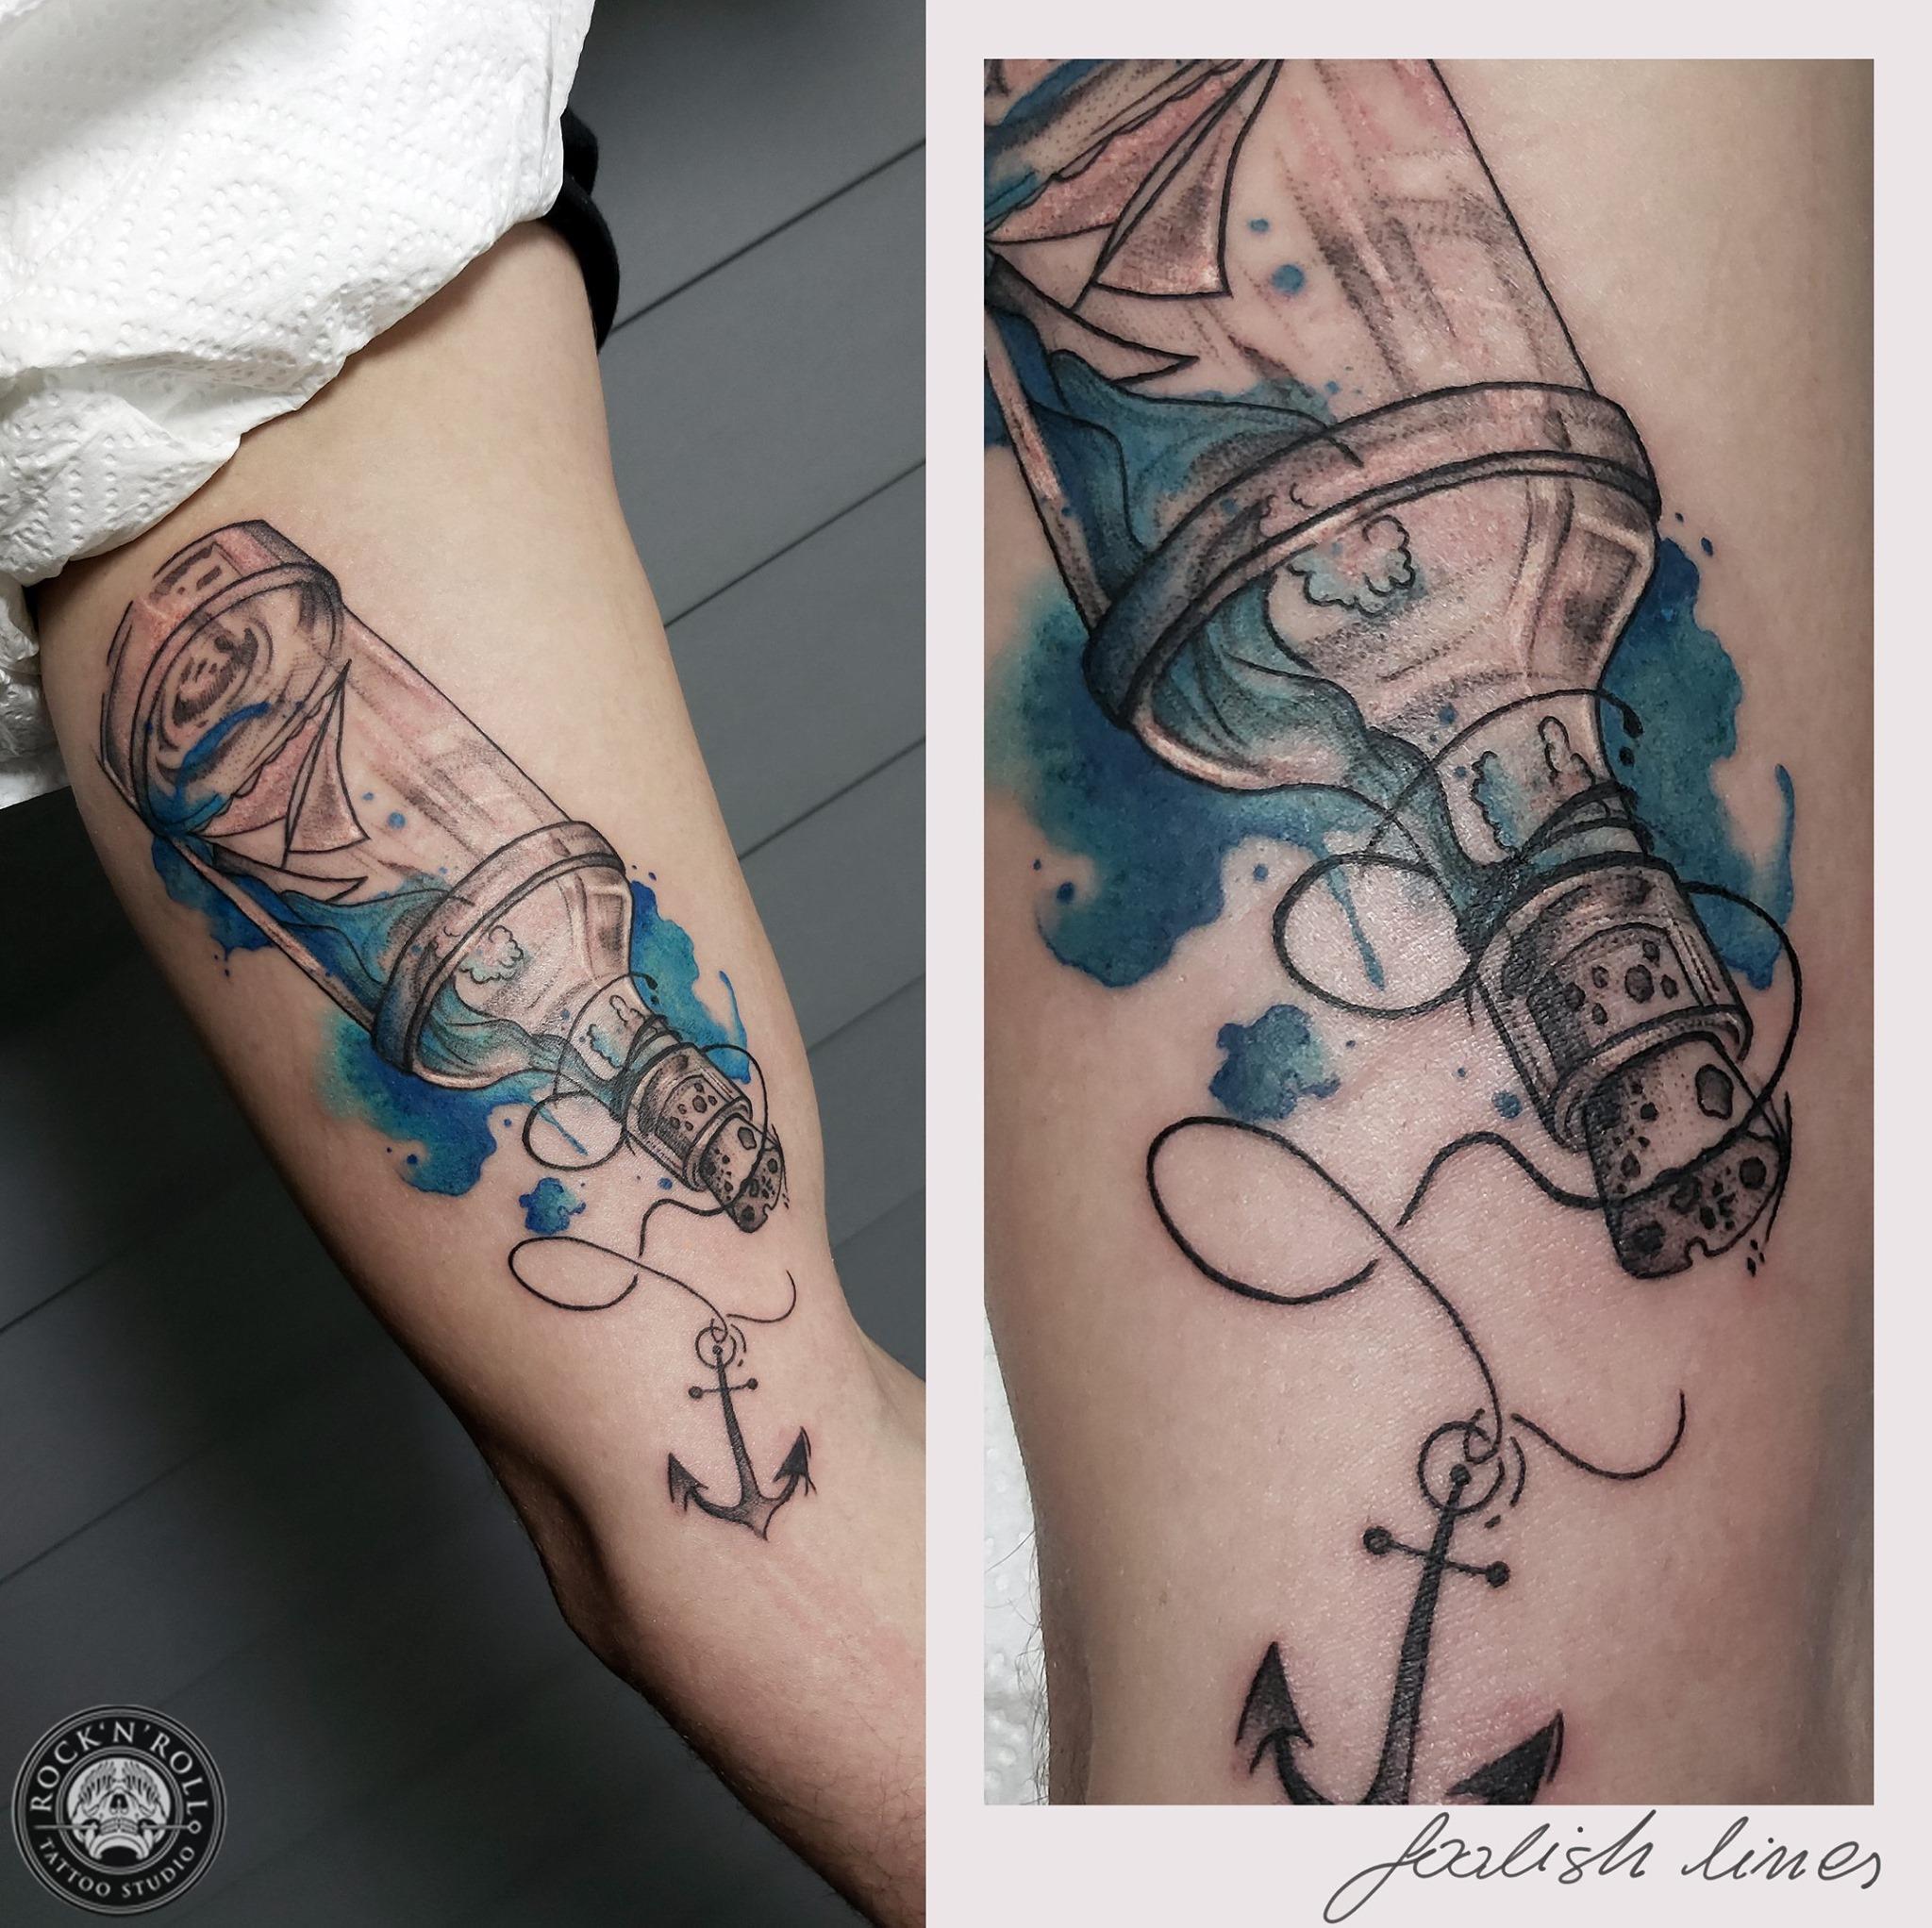 Agata Lewandowska - Foolish Lines Tattoo inksearch tattoo